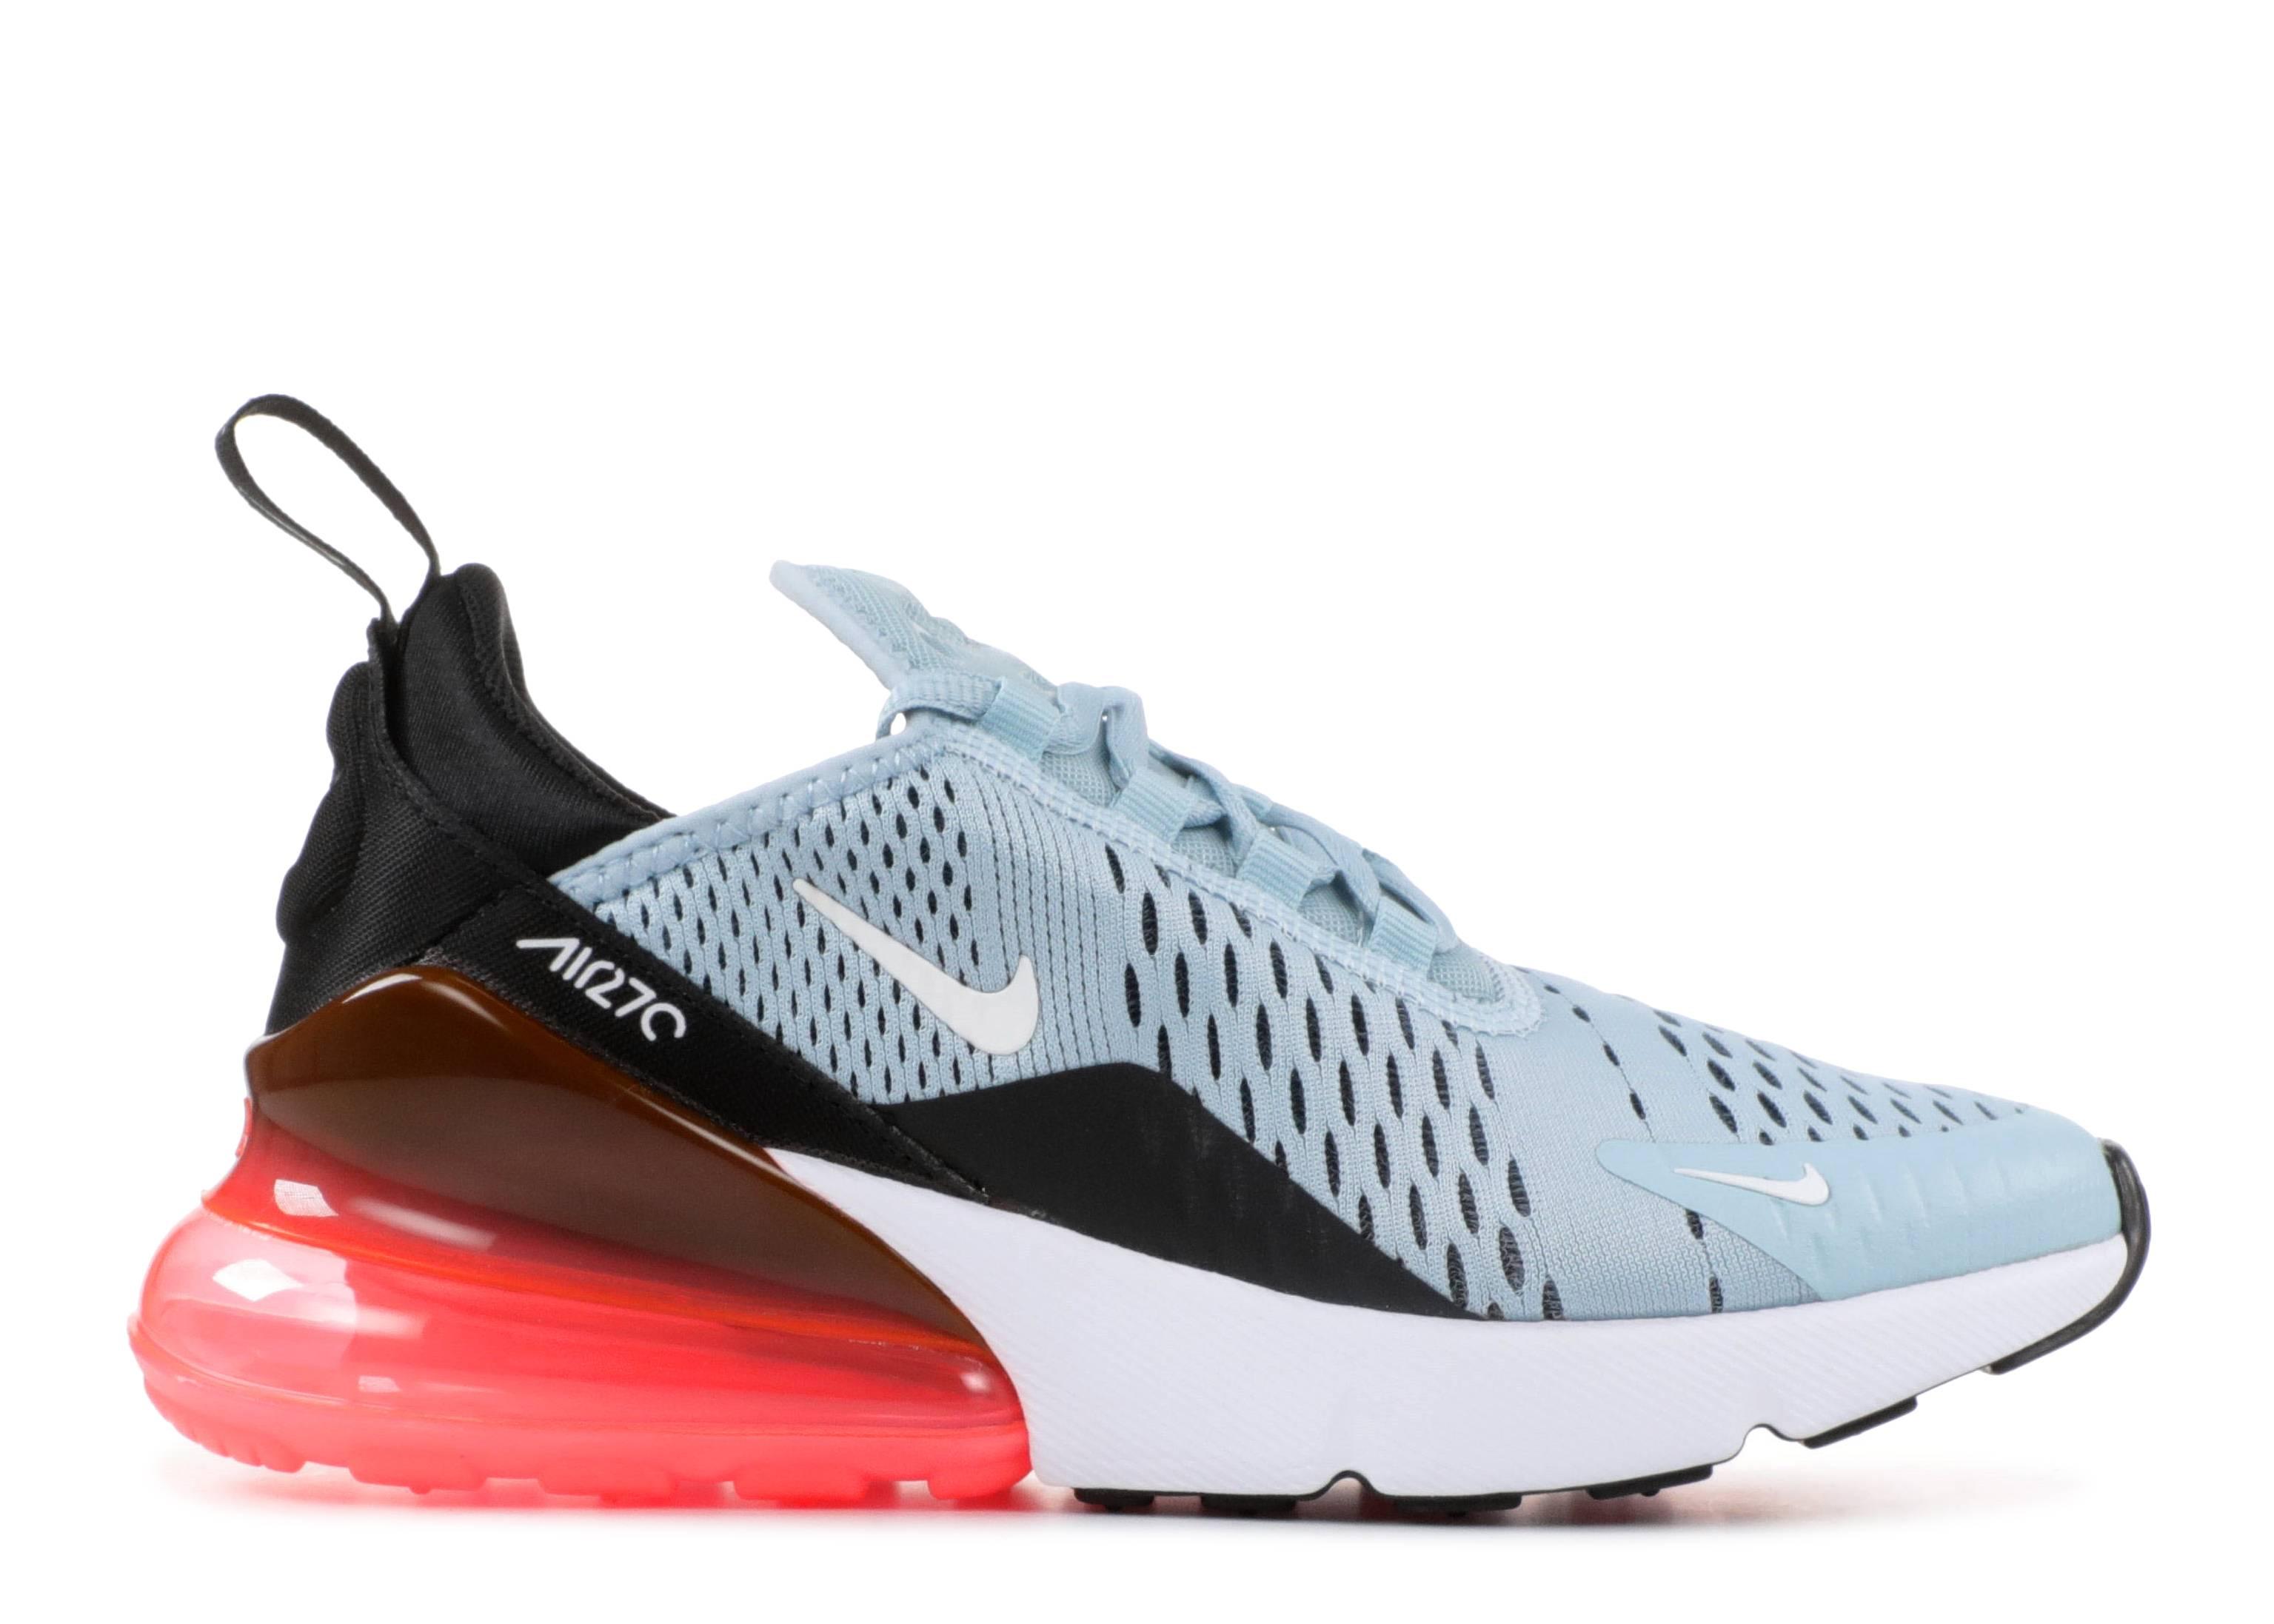 7e91ee4e1ffd06 W Air Max 270 - Nike - ah6789 400 - ocean bliss white-black